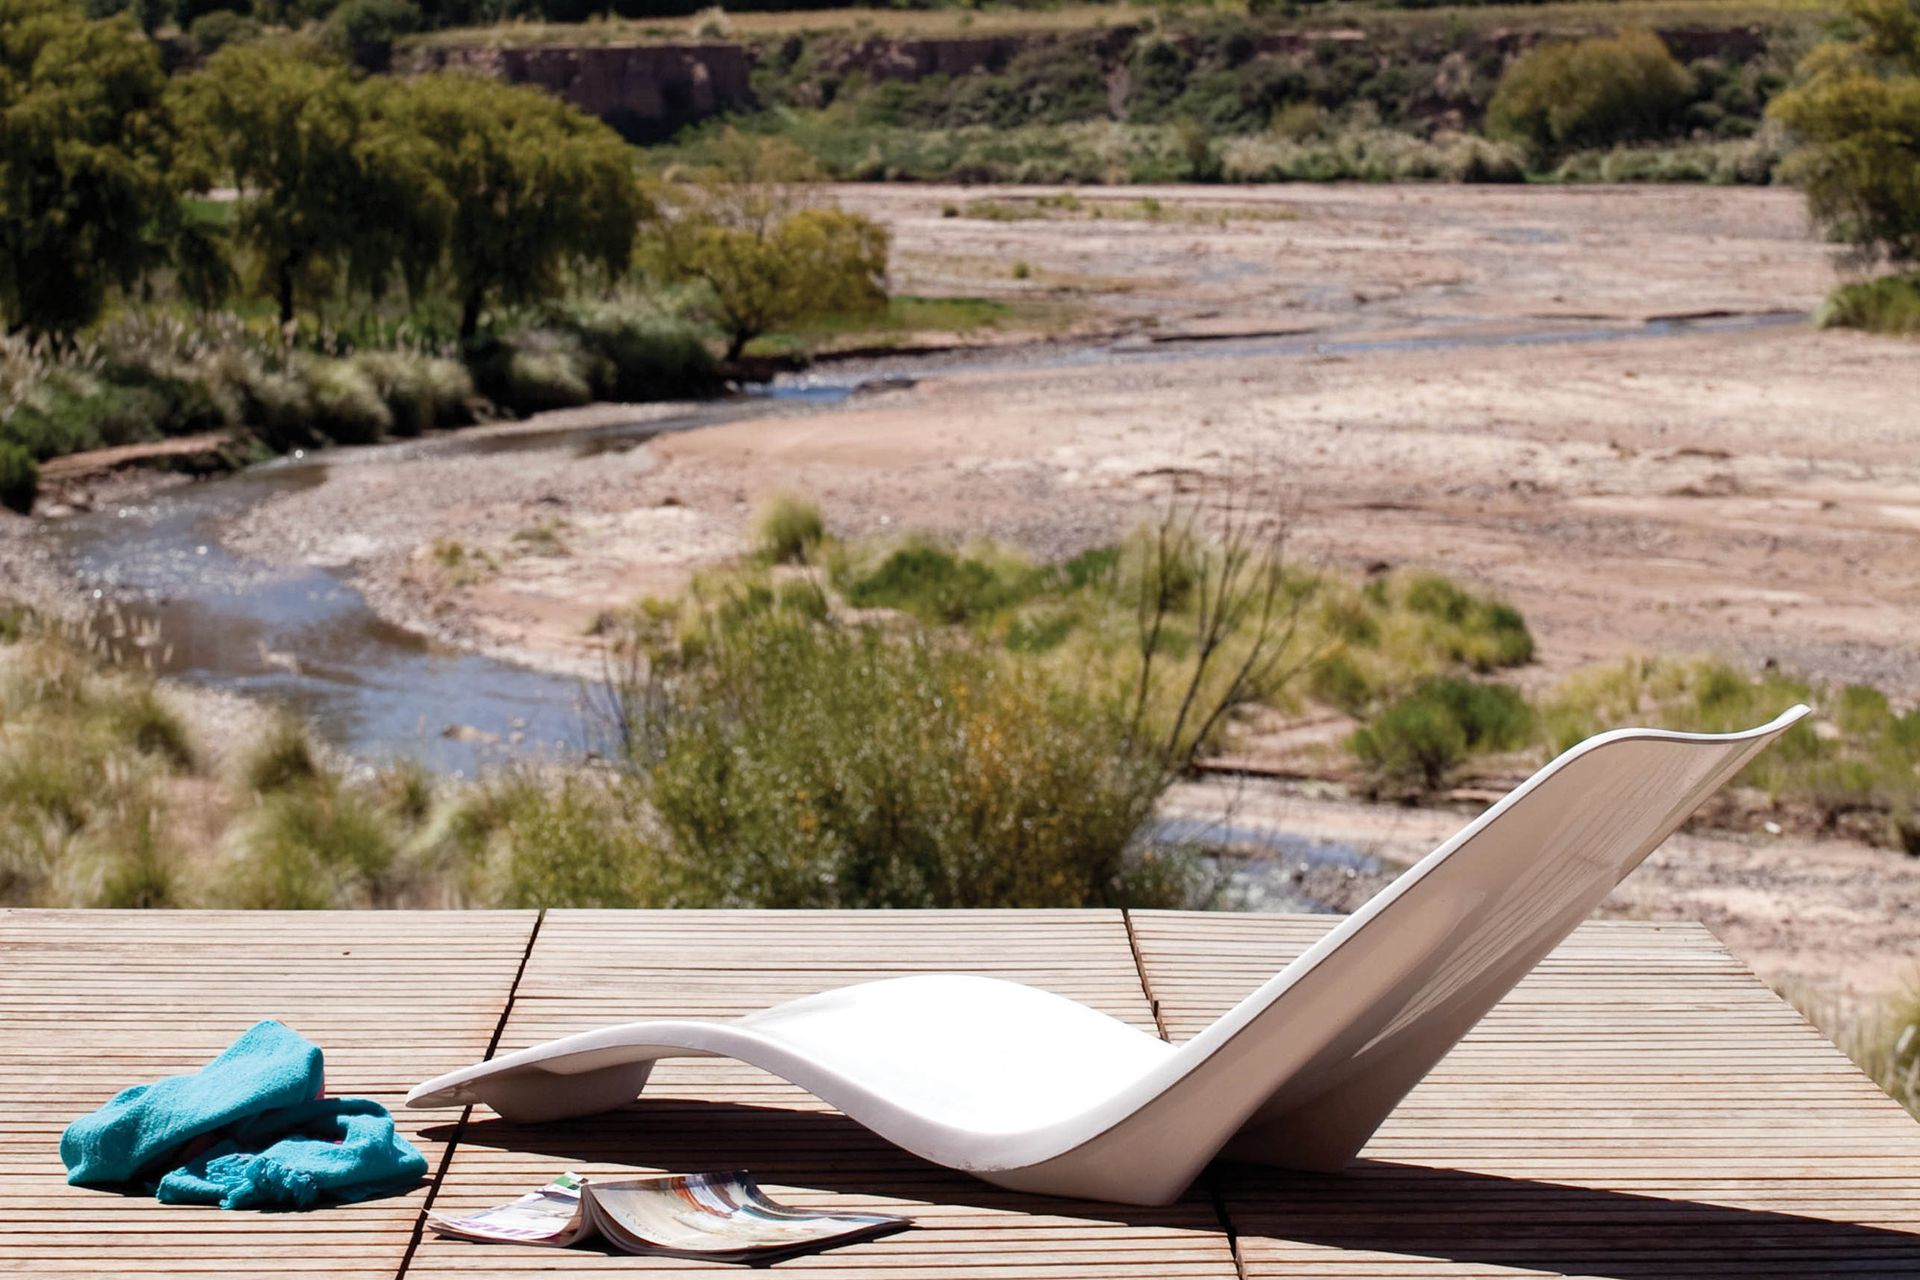 Suspendido en el paisaje, un deck prolonga el área de estar para aprovechar el espacio exterior cuando amaina el viento.